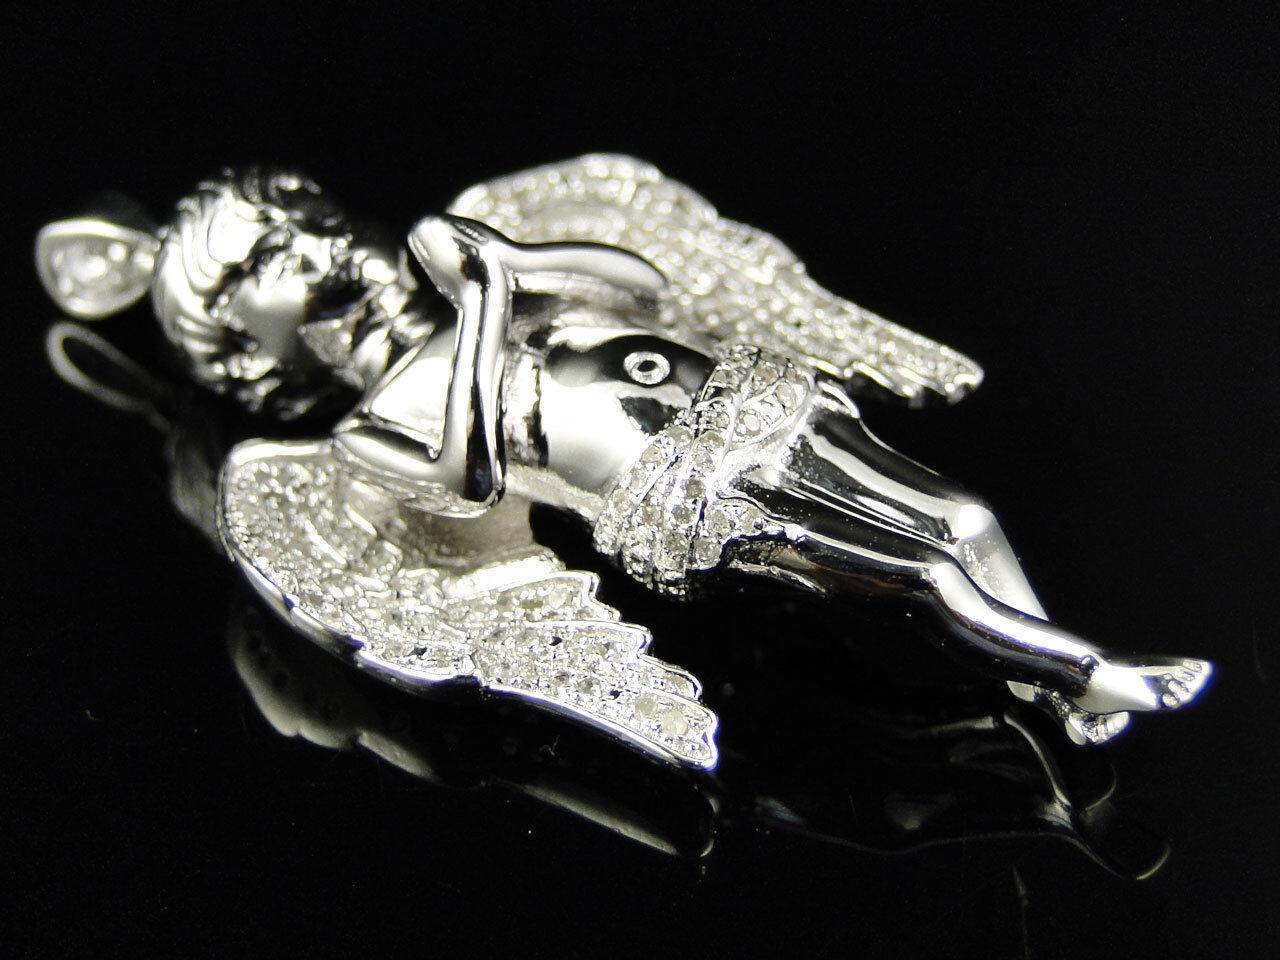 Vero Vero Vero Finitura in oro Bianco Mini Angelo Gesù Vero Pendente con Diamante .50 Ct 5c3407